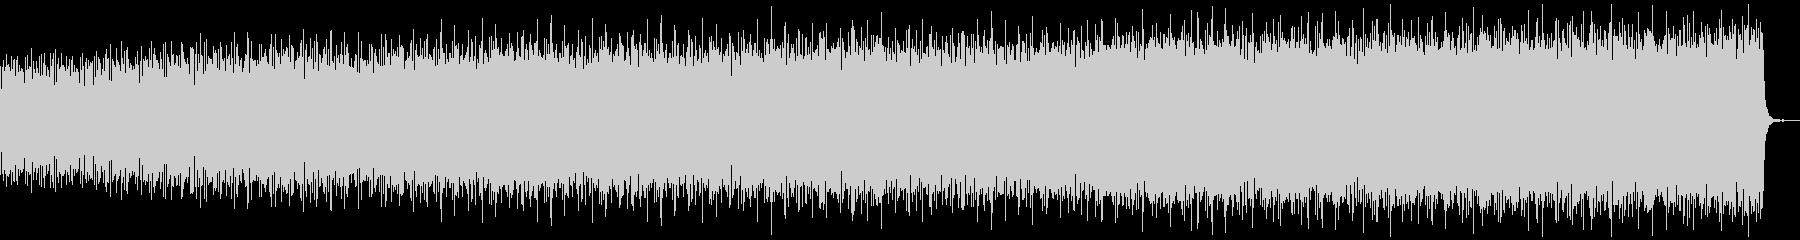 オーケストラ・企業VP・感動的の未再生の波形